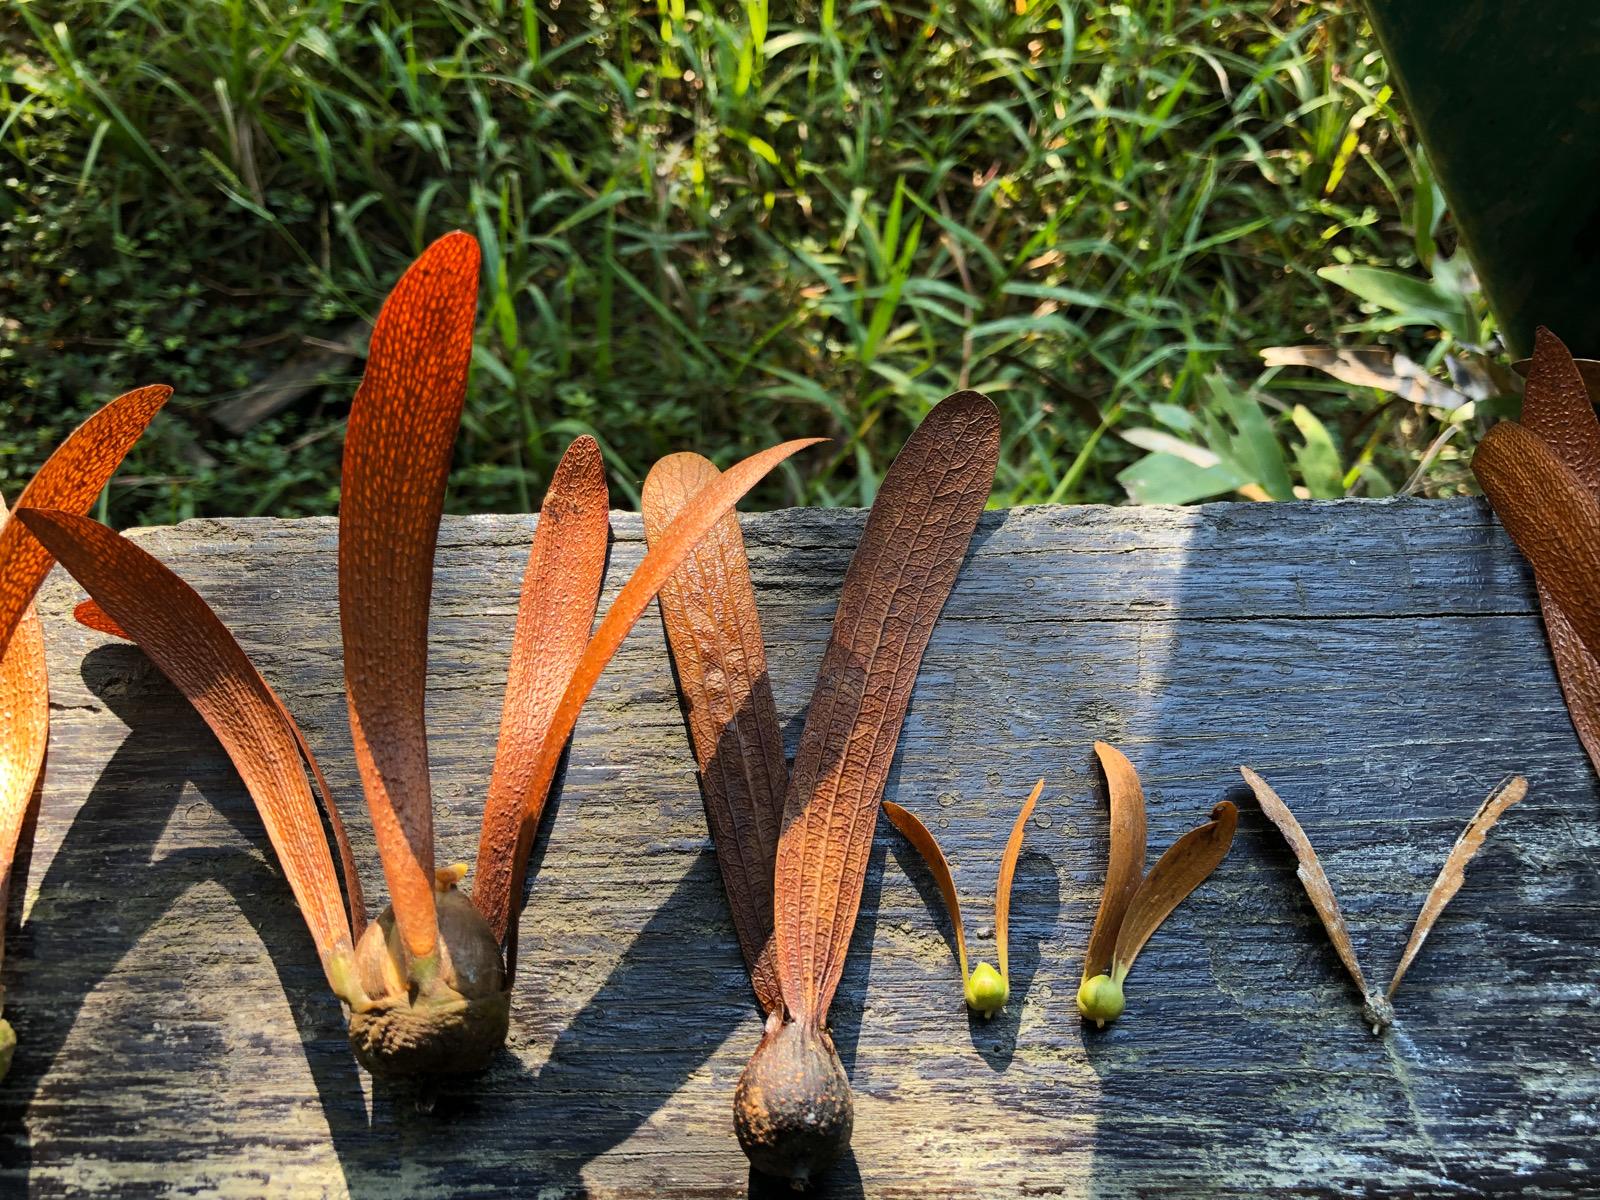 ワイルドライフ「マレーシア ボルネオ島 オランウータン 一斉結実の森に集う」2019年11月4日再放送 AM8 BSプレミアム